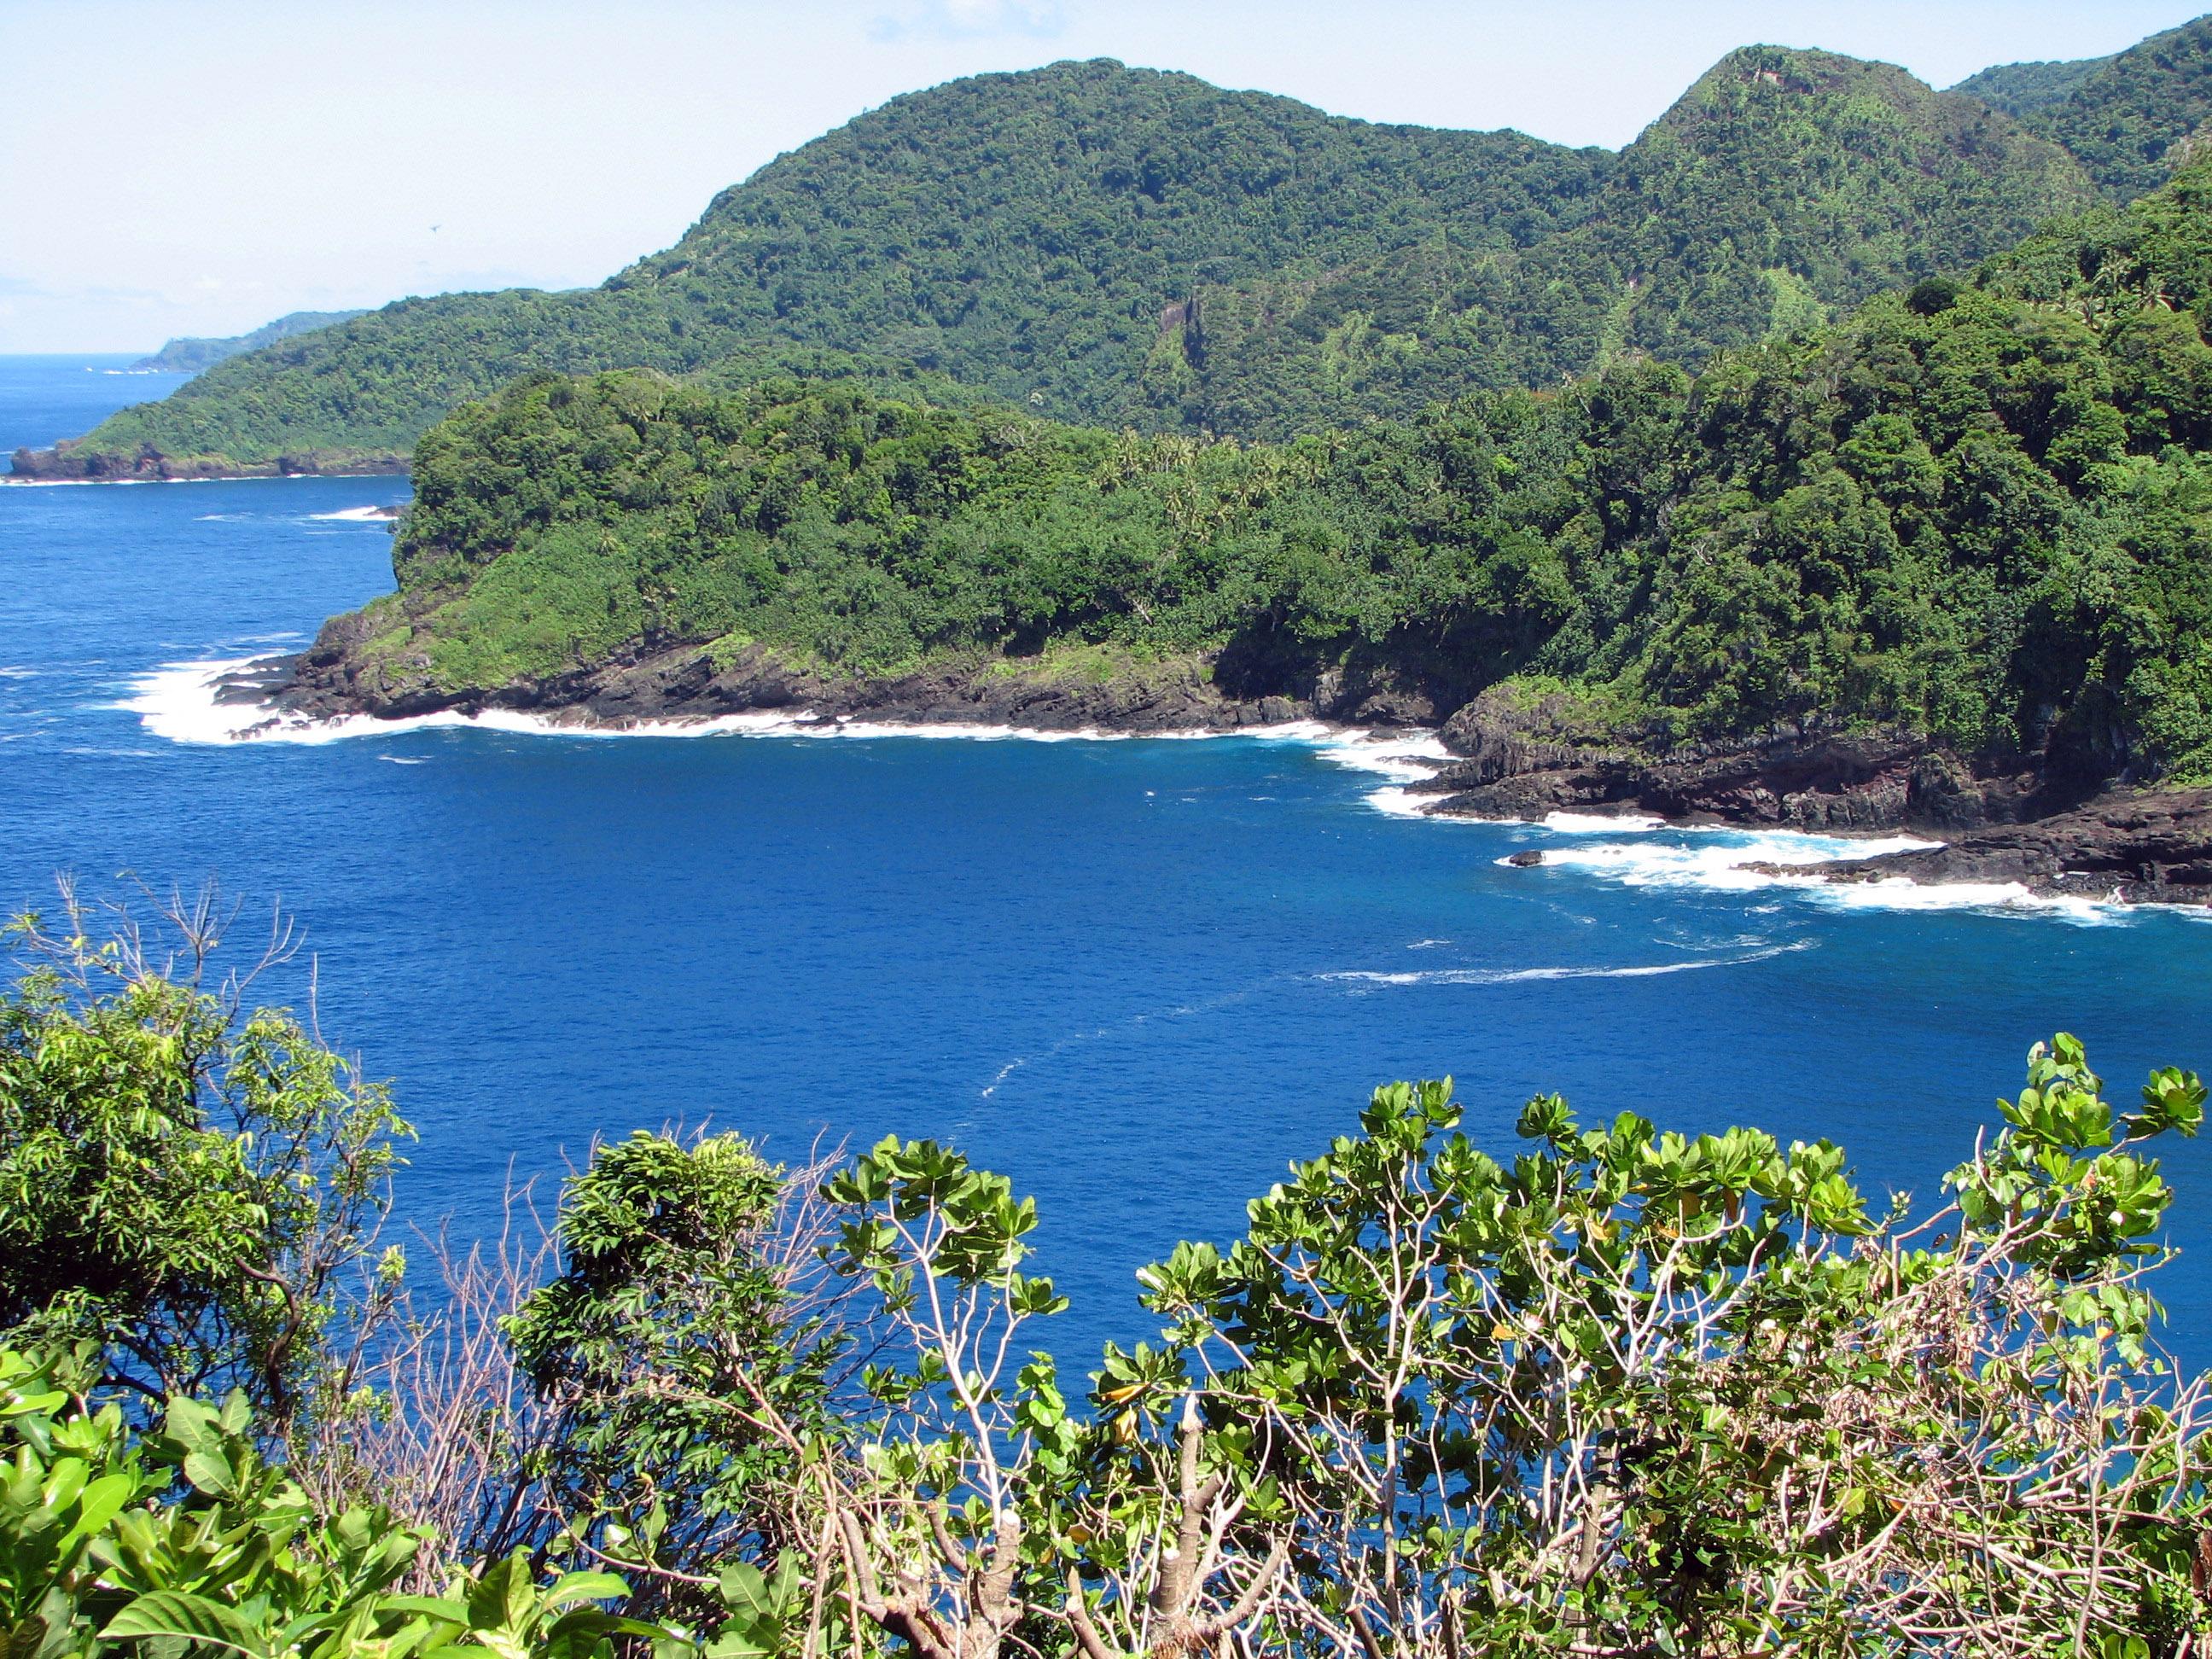 Tutuila Island American Samoa KH8/N6MW DX News